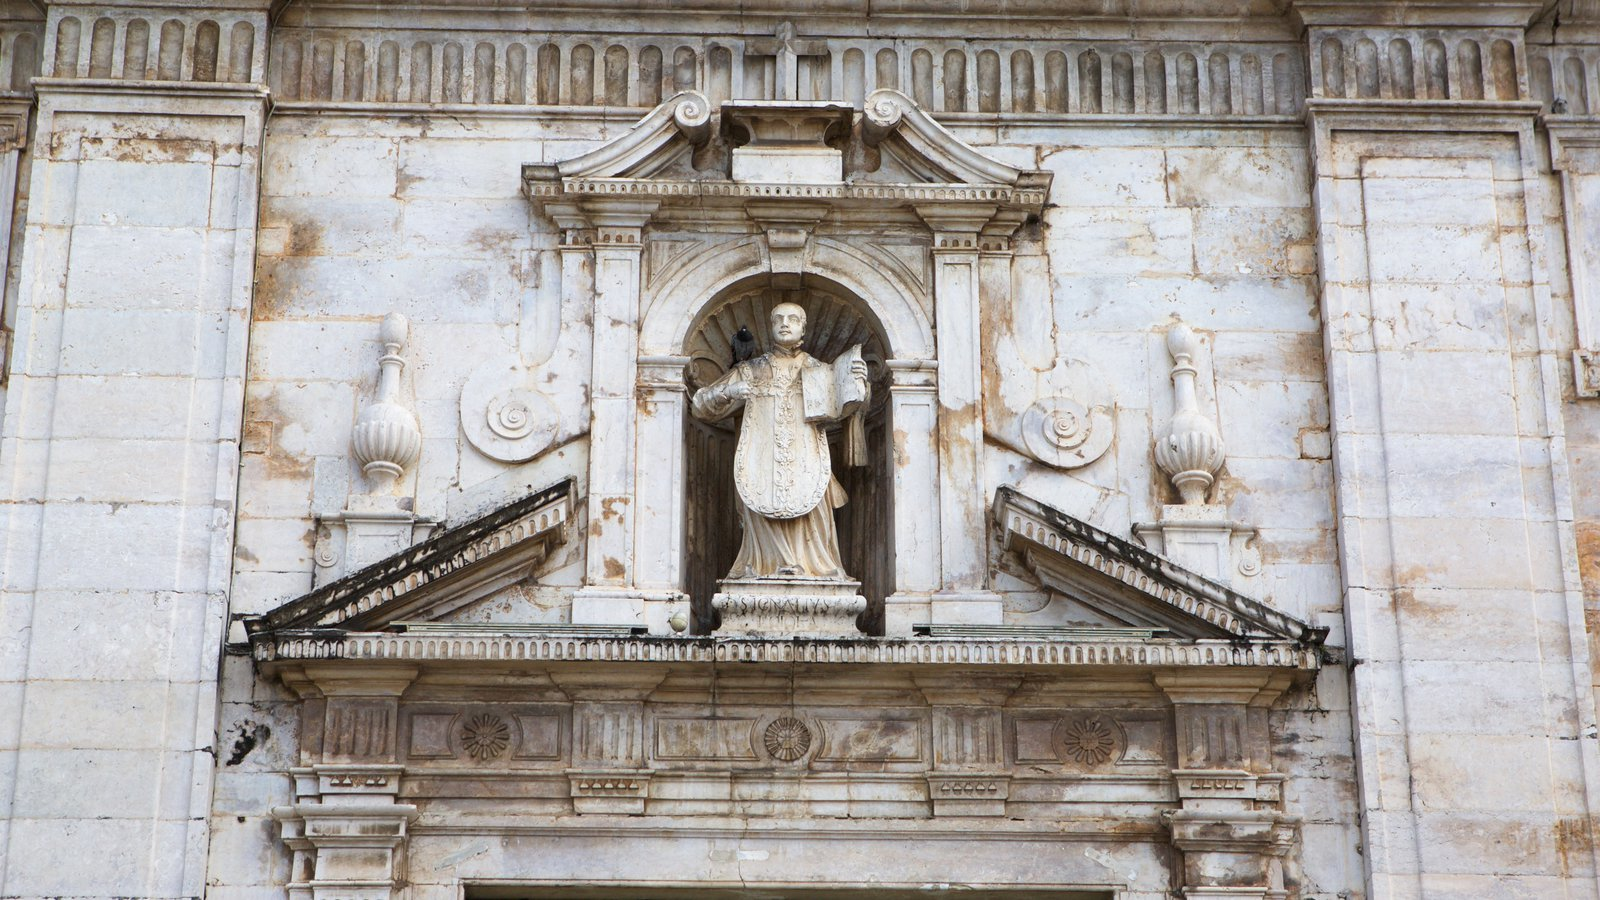 Catedral de Salvador que inclui elementos religiosos, elementos de patrimônio e uma igreja ou catedral